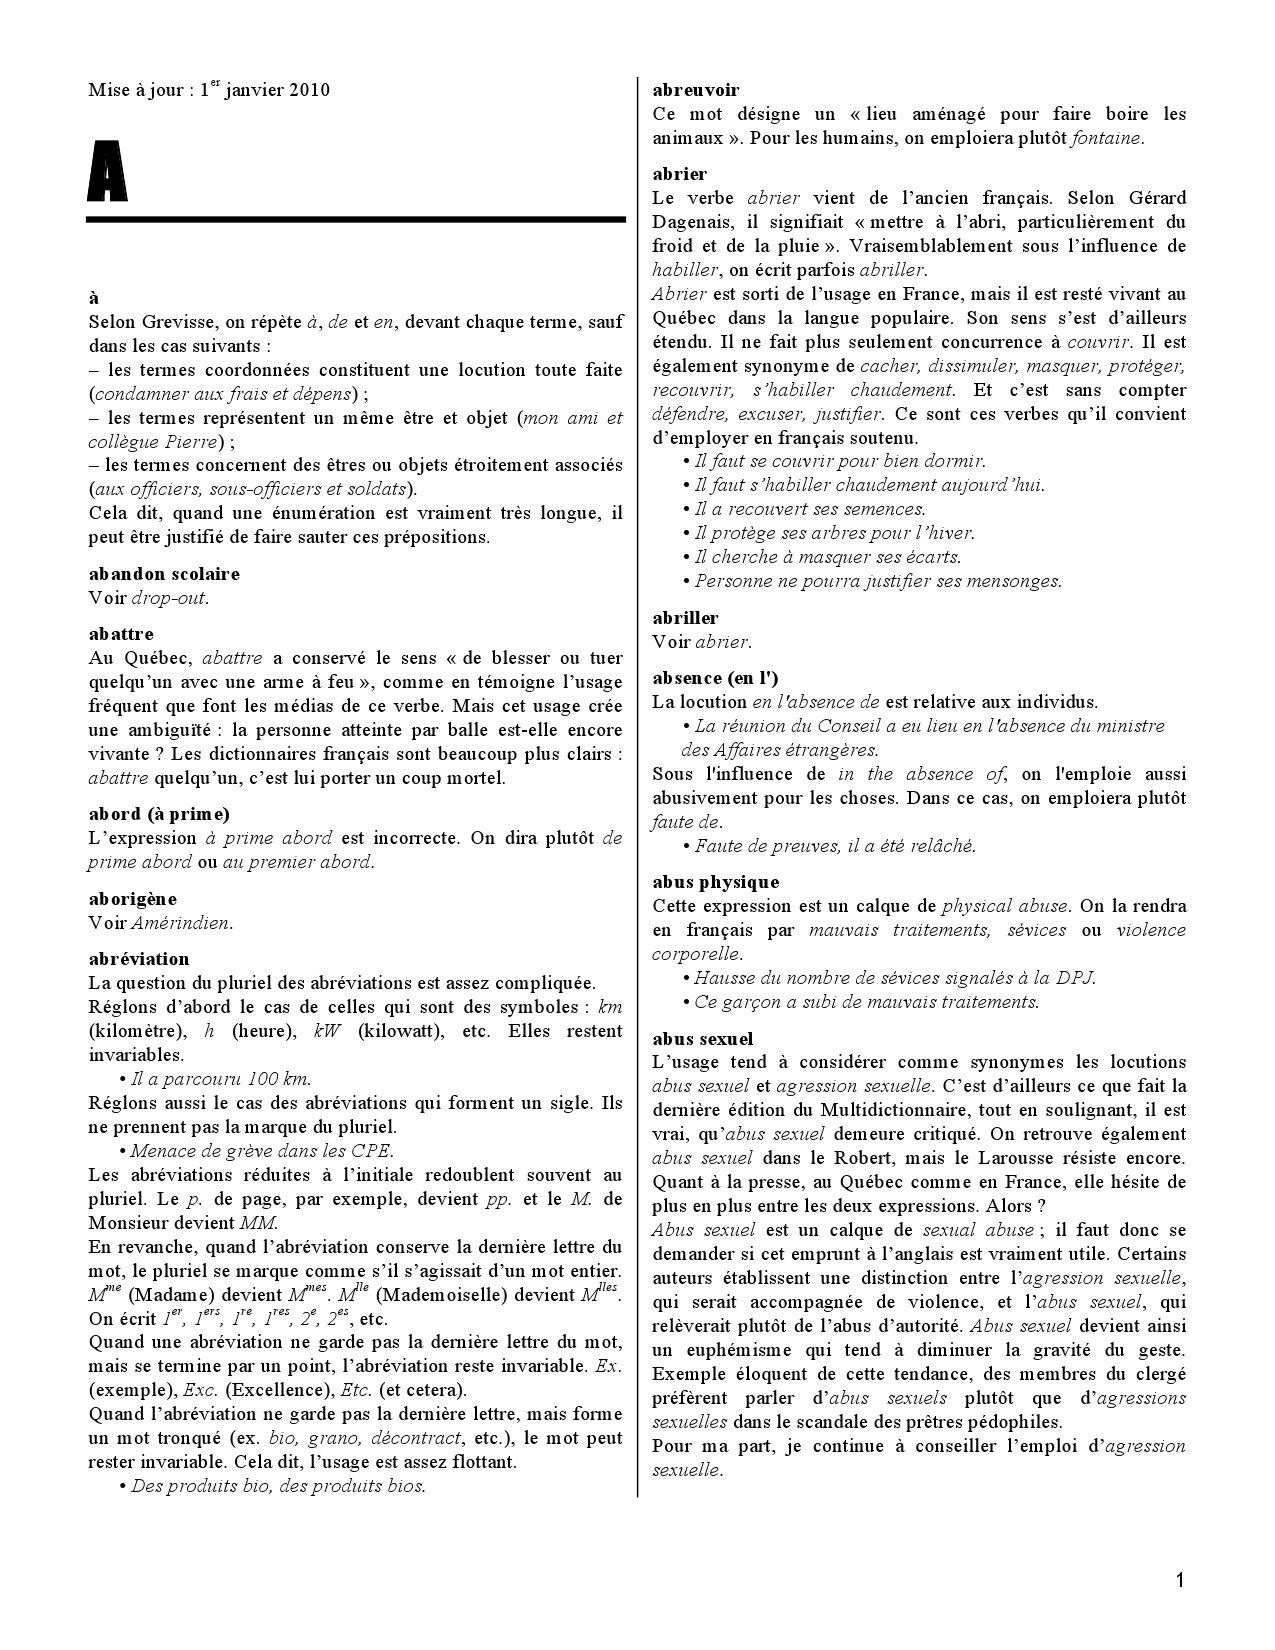 lexique des difficult u00e9s du fran u00e7ais dans les m u00e9dias by la presse